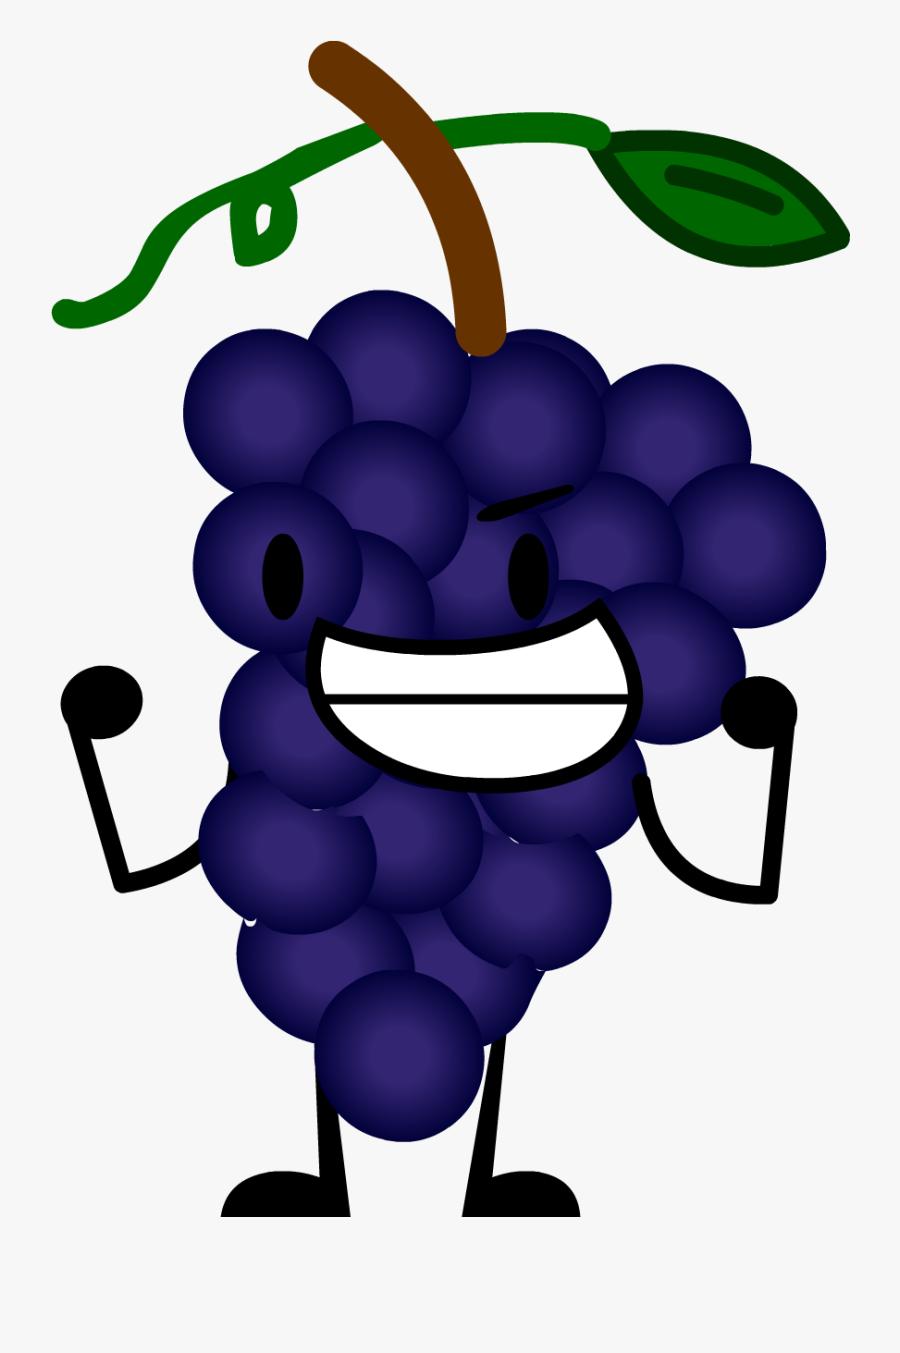 Grape Clipart Purple Object - Grape Png Clipart Purple, Transparent Clipart